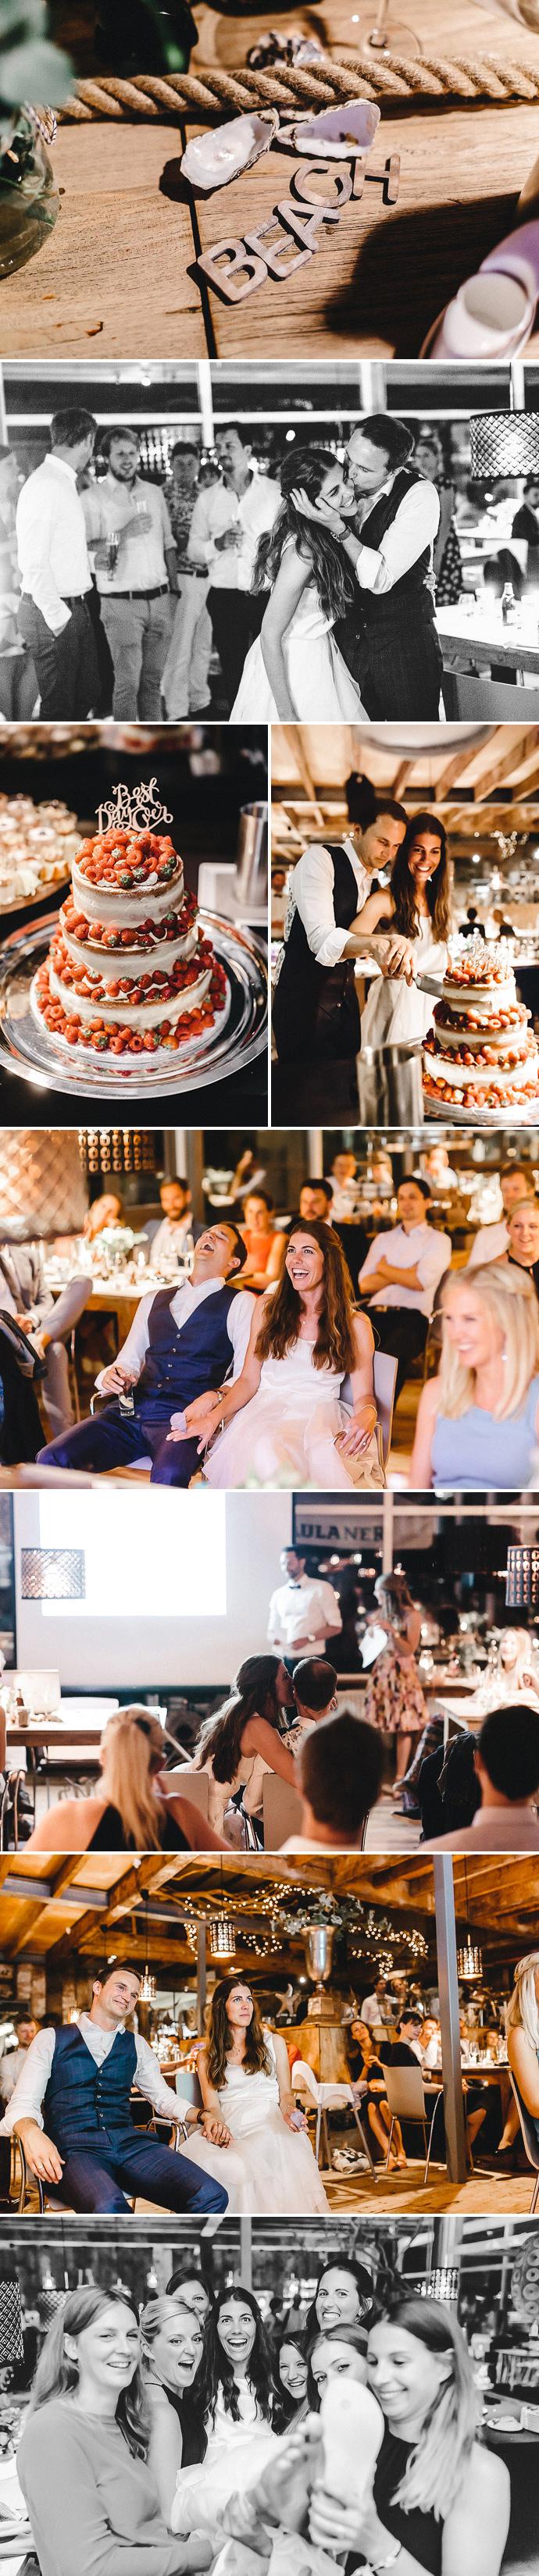 Tim Kurth Fotografie Hochzeitsparty Teil1